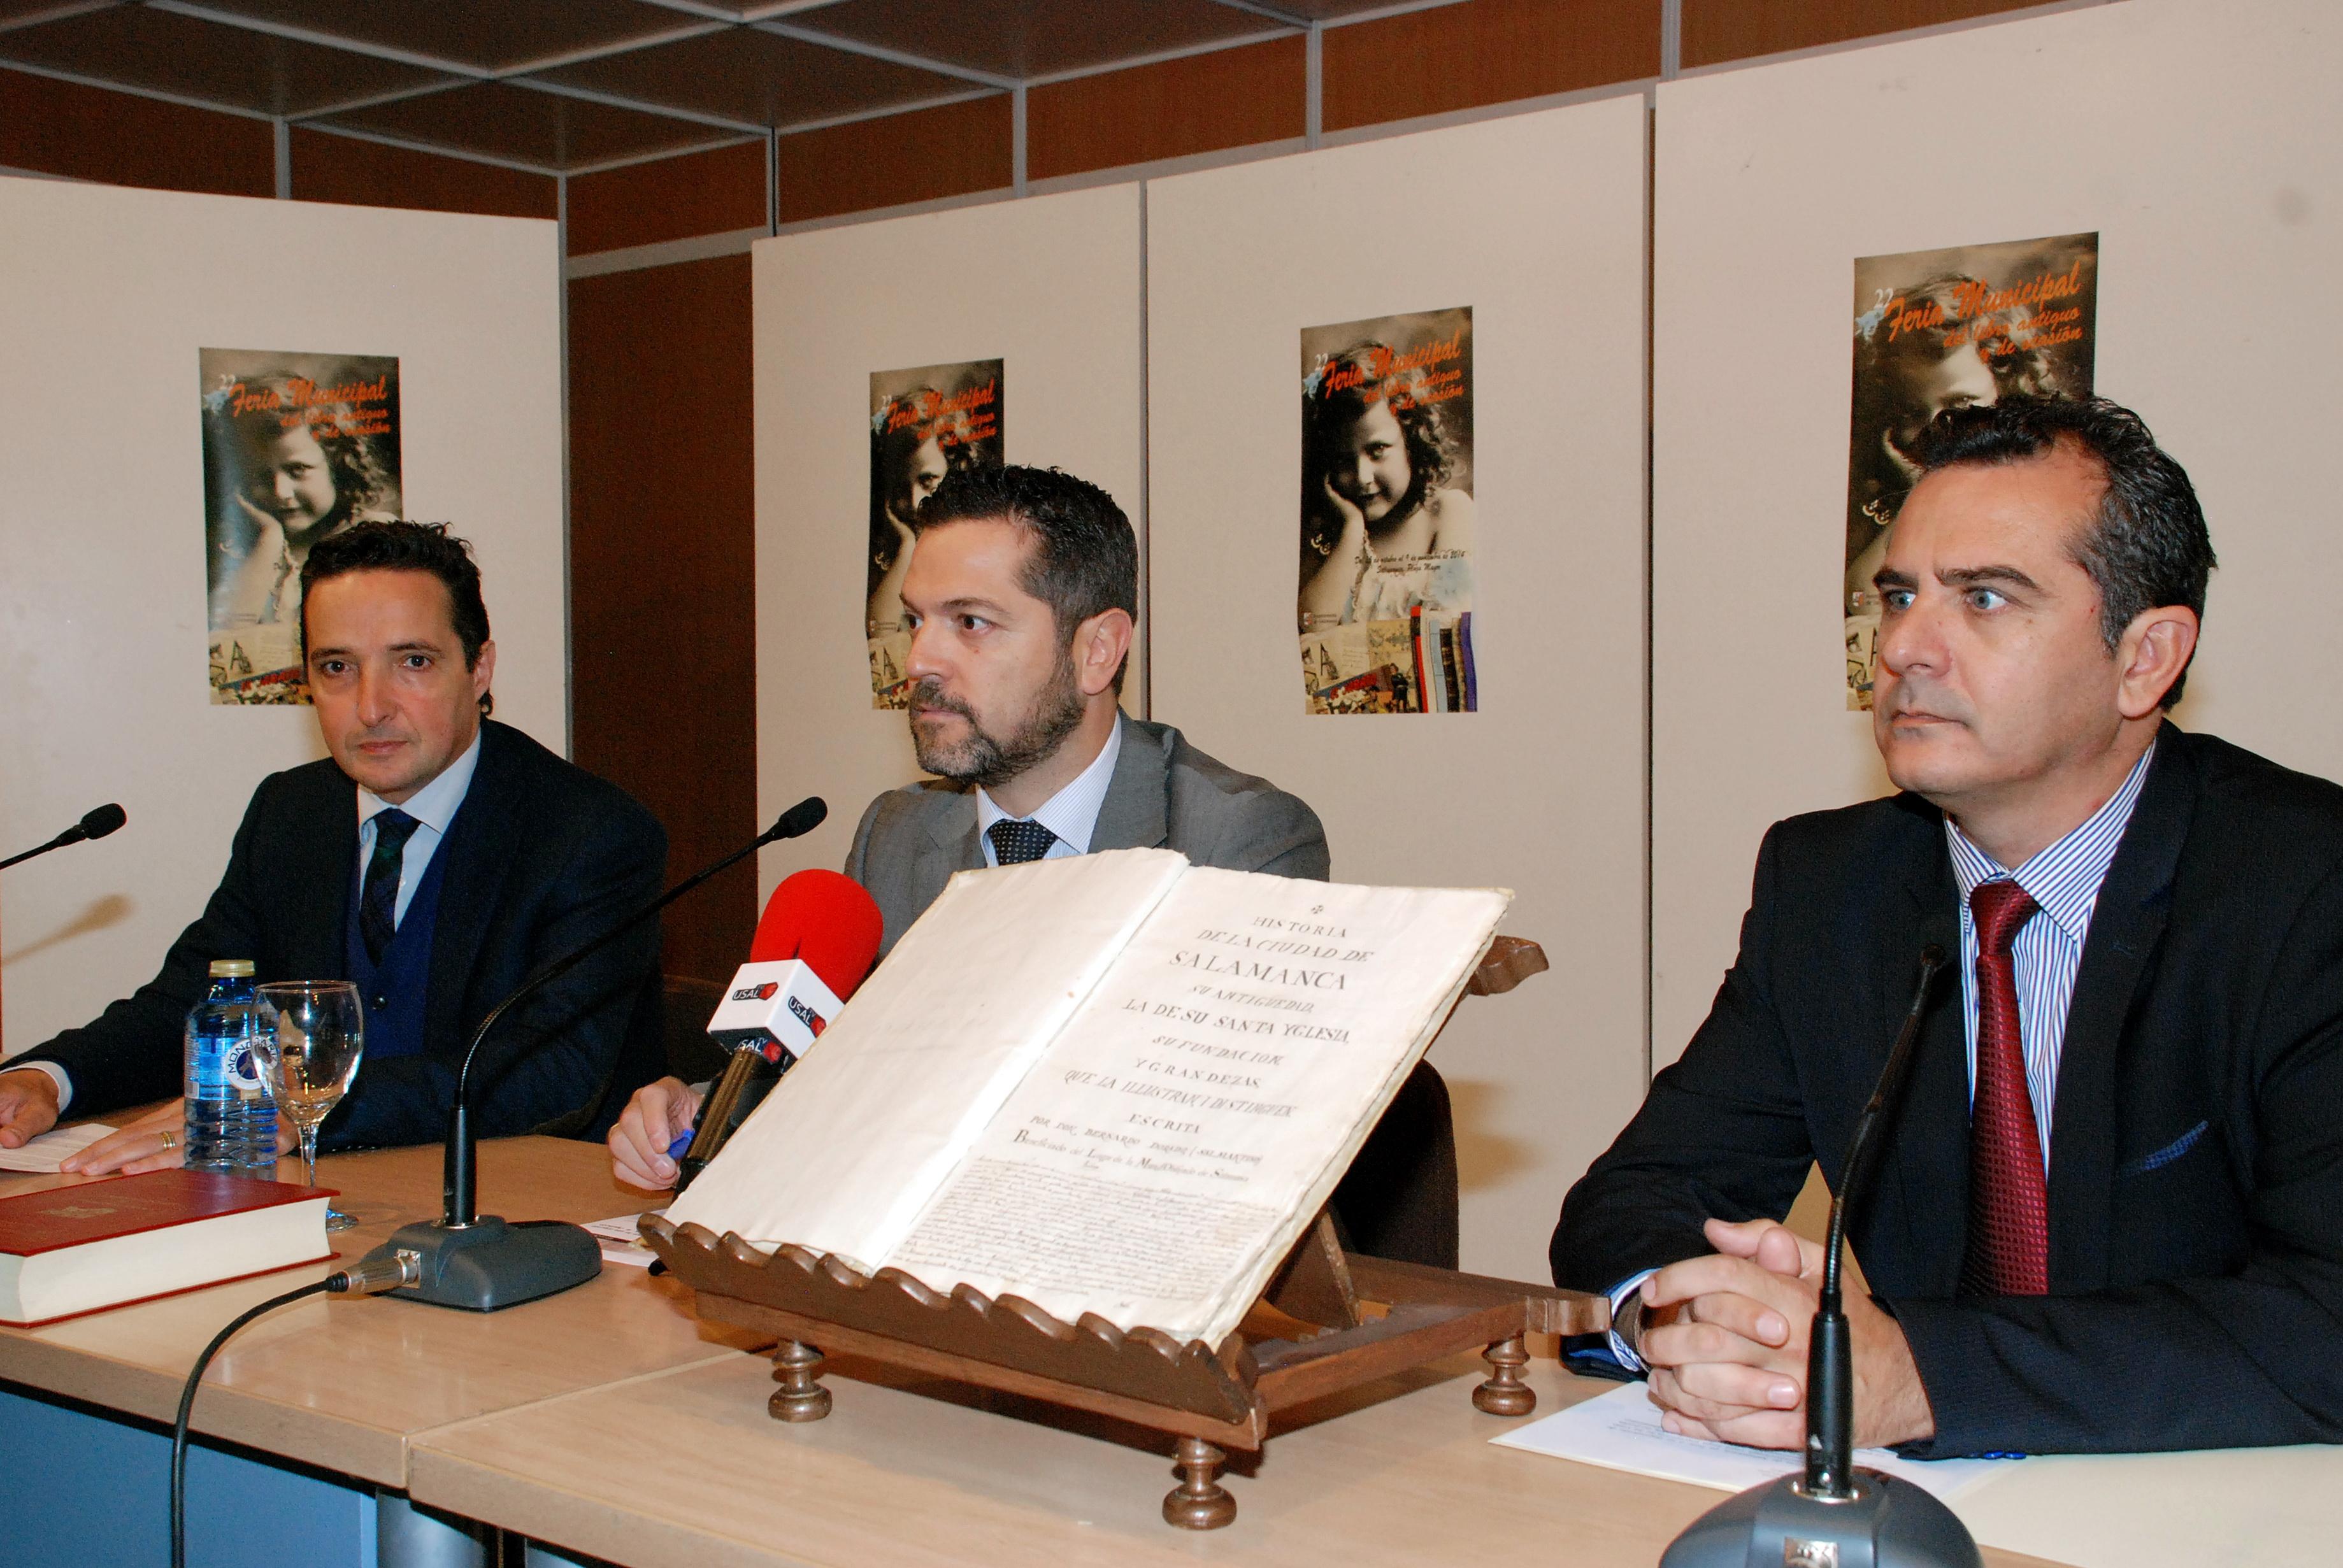 Presentado el manuscrito de Bernardo Dorado que ha sido adquirido recientemente por el Ayuntamiento de Salamanca, la Diputación Provincial y la Universidad de Salamanca